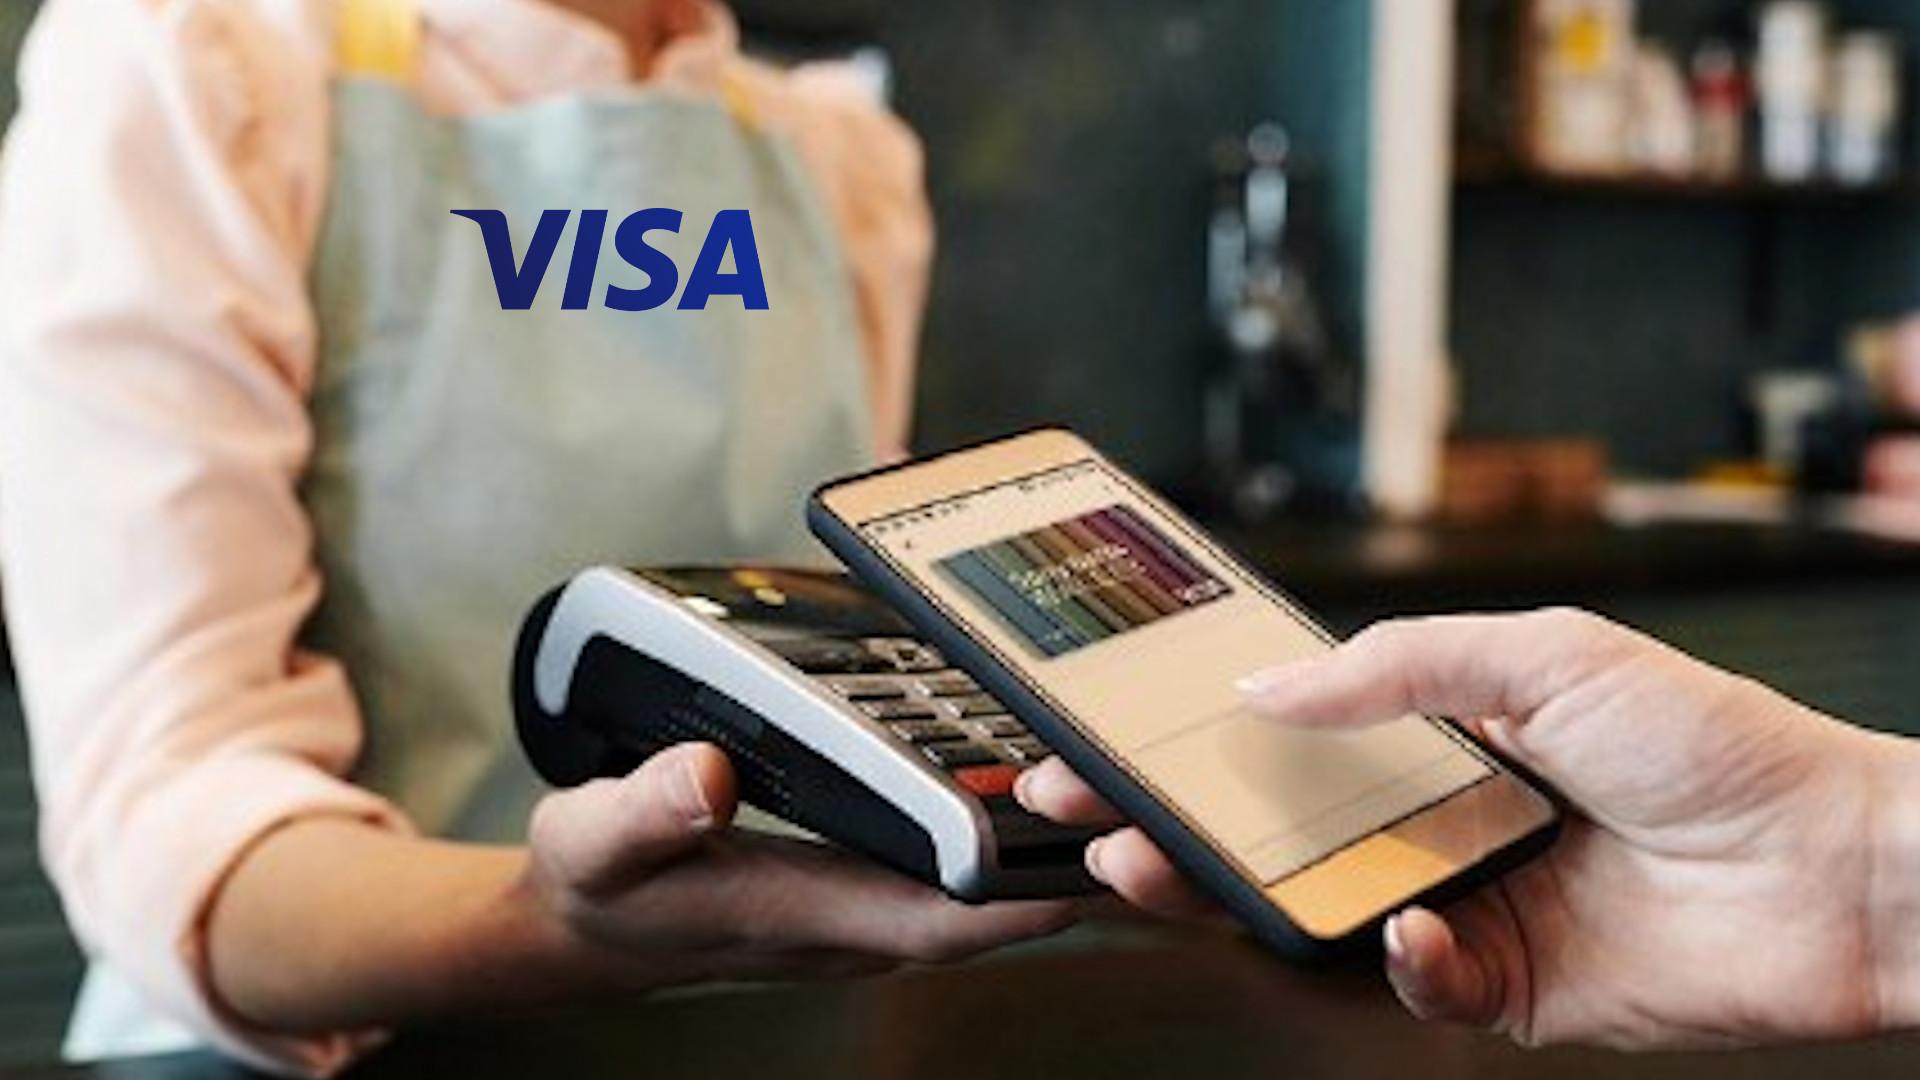 Visaのタッチ決済カードをGoogle Payに登録する